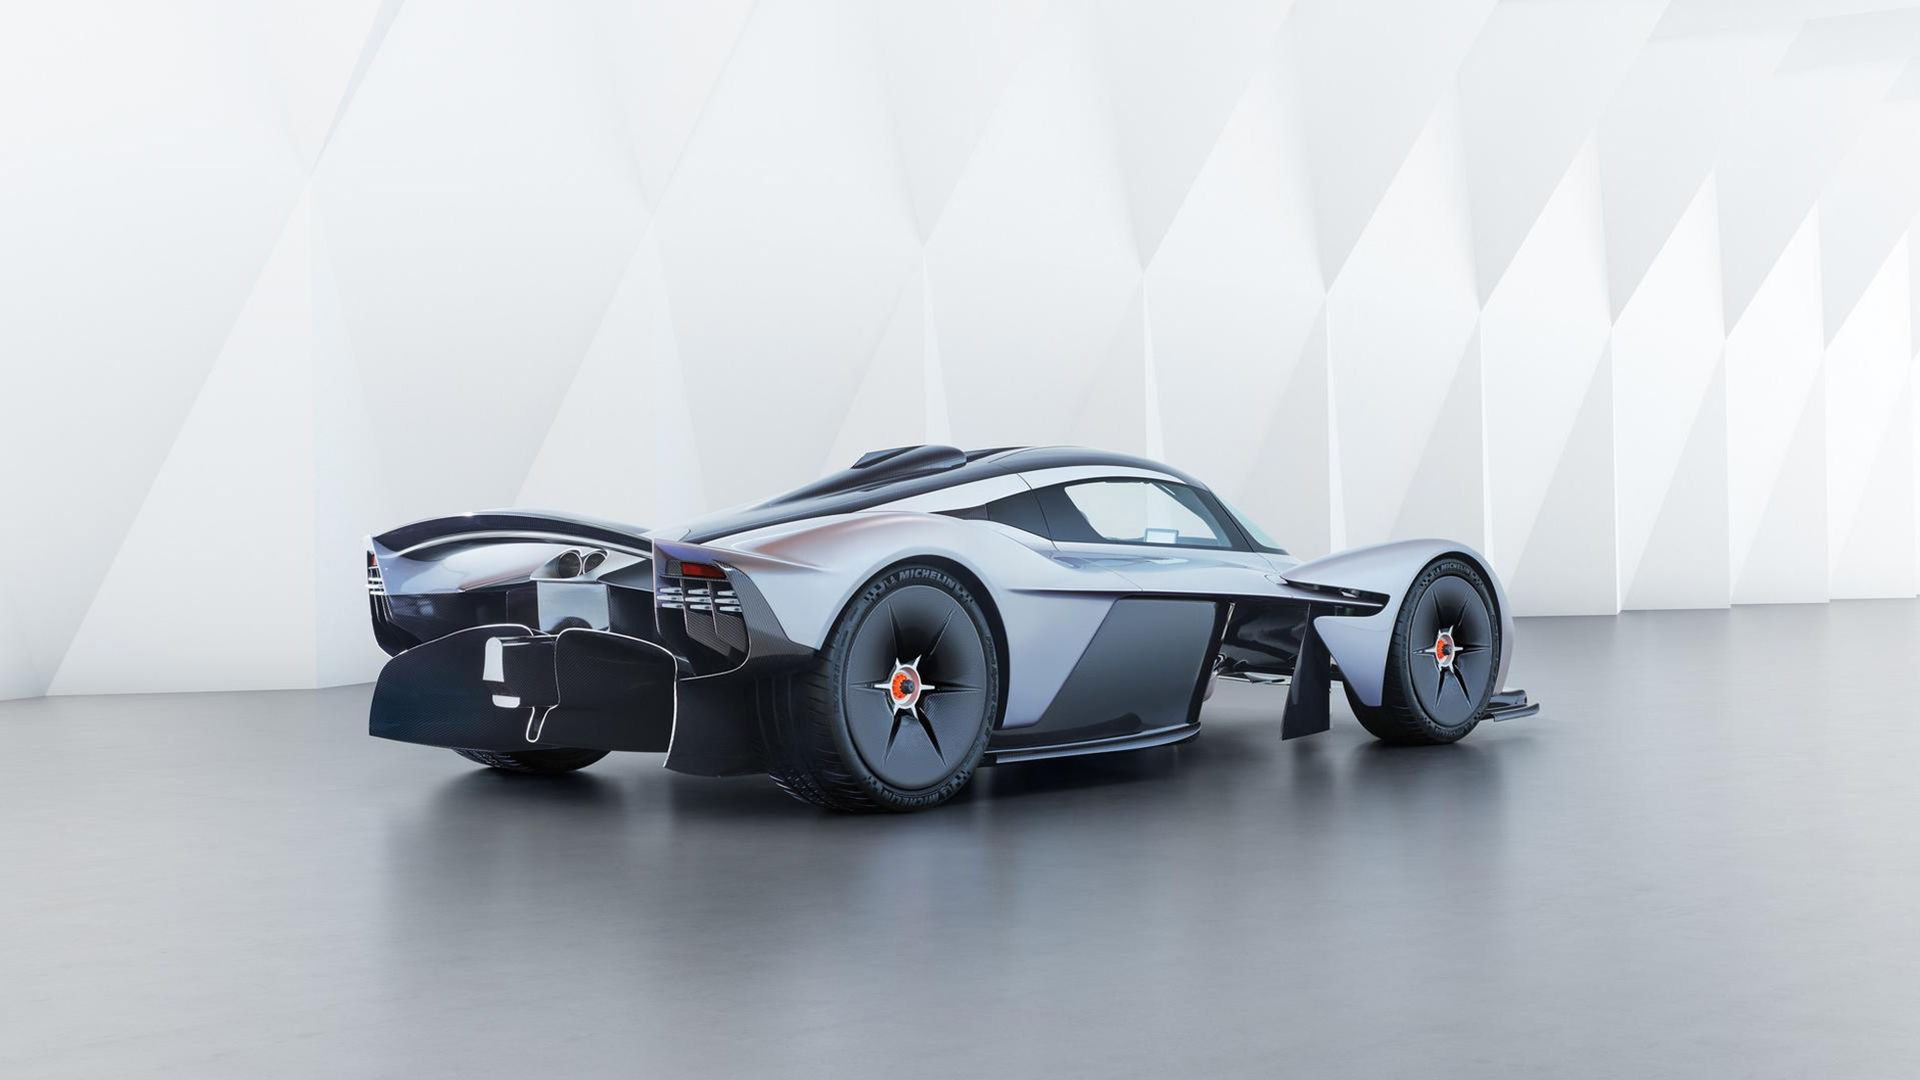 Effekten i Aston Martin Valkyrie är inget man skojar bort